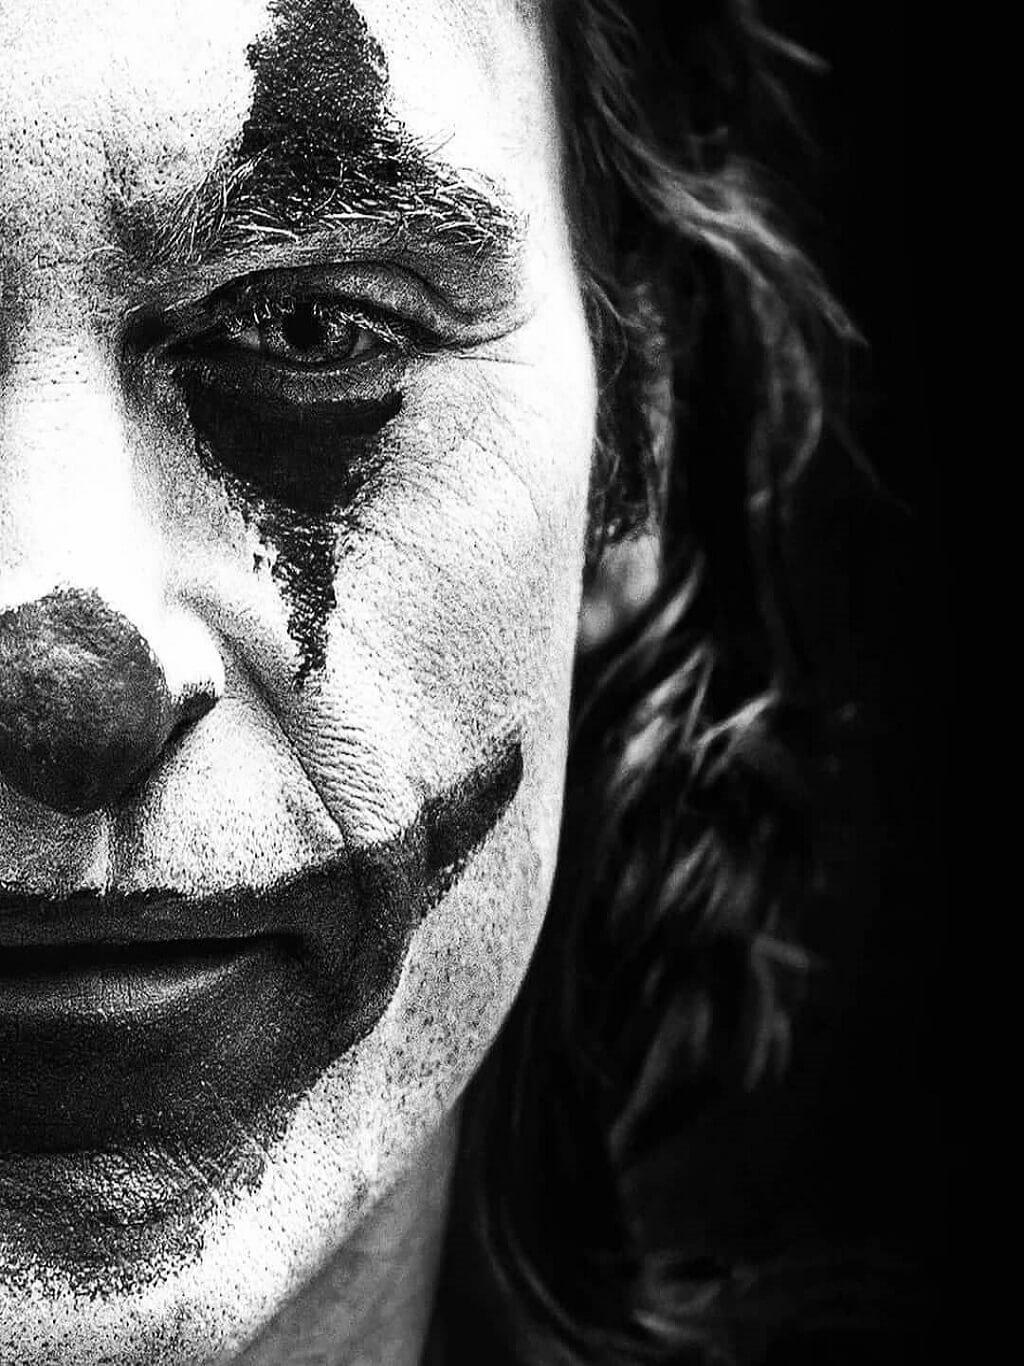 Crazy Joker face cut closeup snapshot iPad pro